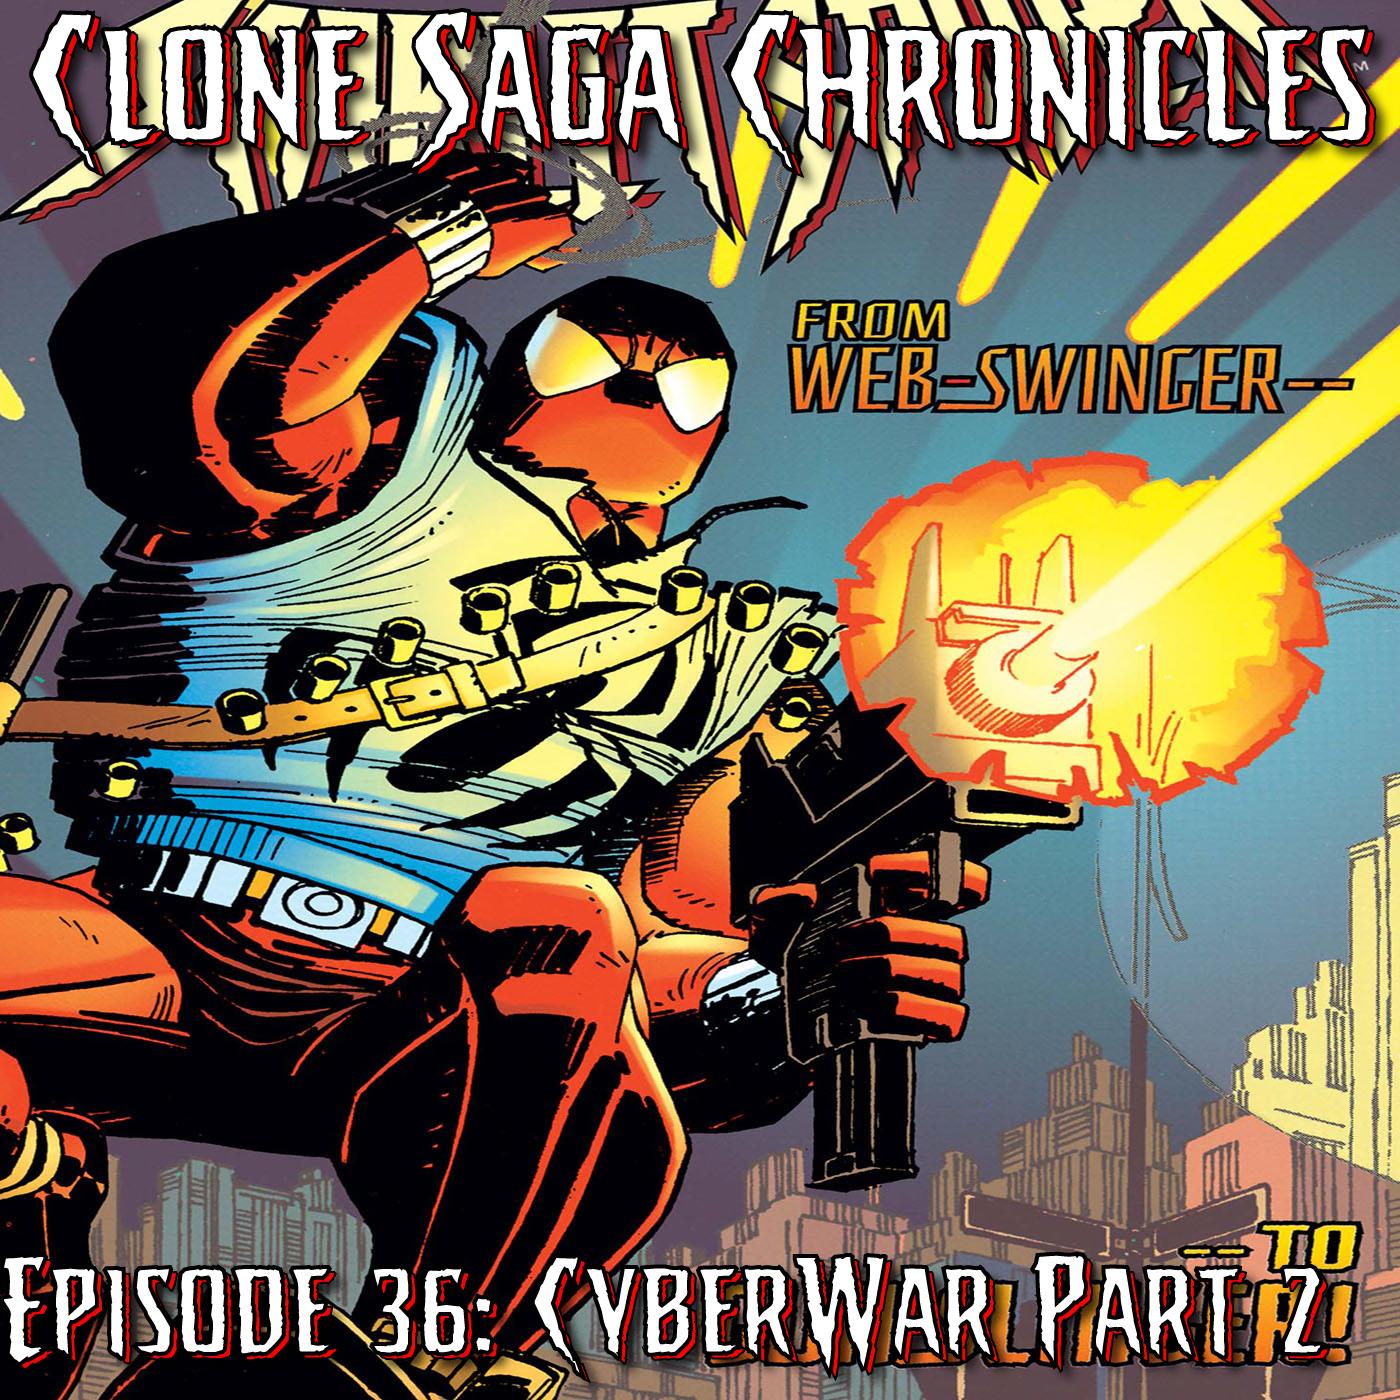 CSC Episode 36: Cyberwar Part 3 and 4 [December 1995]